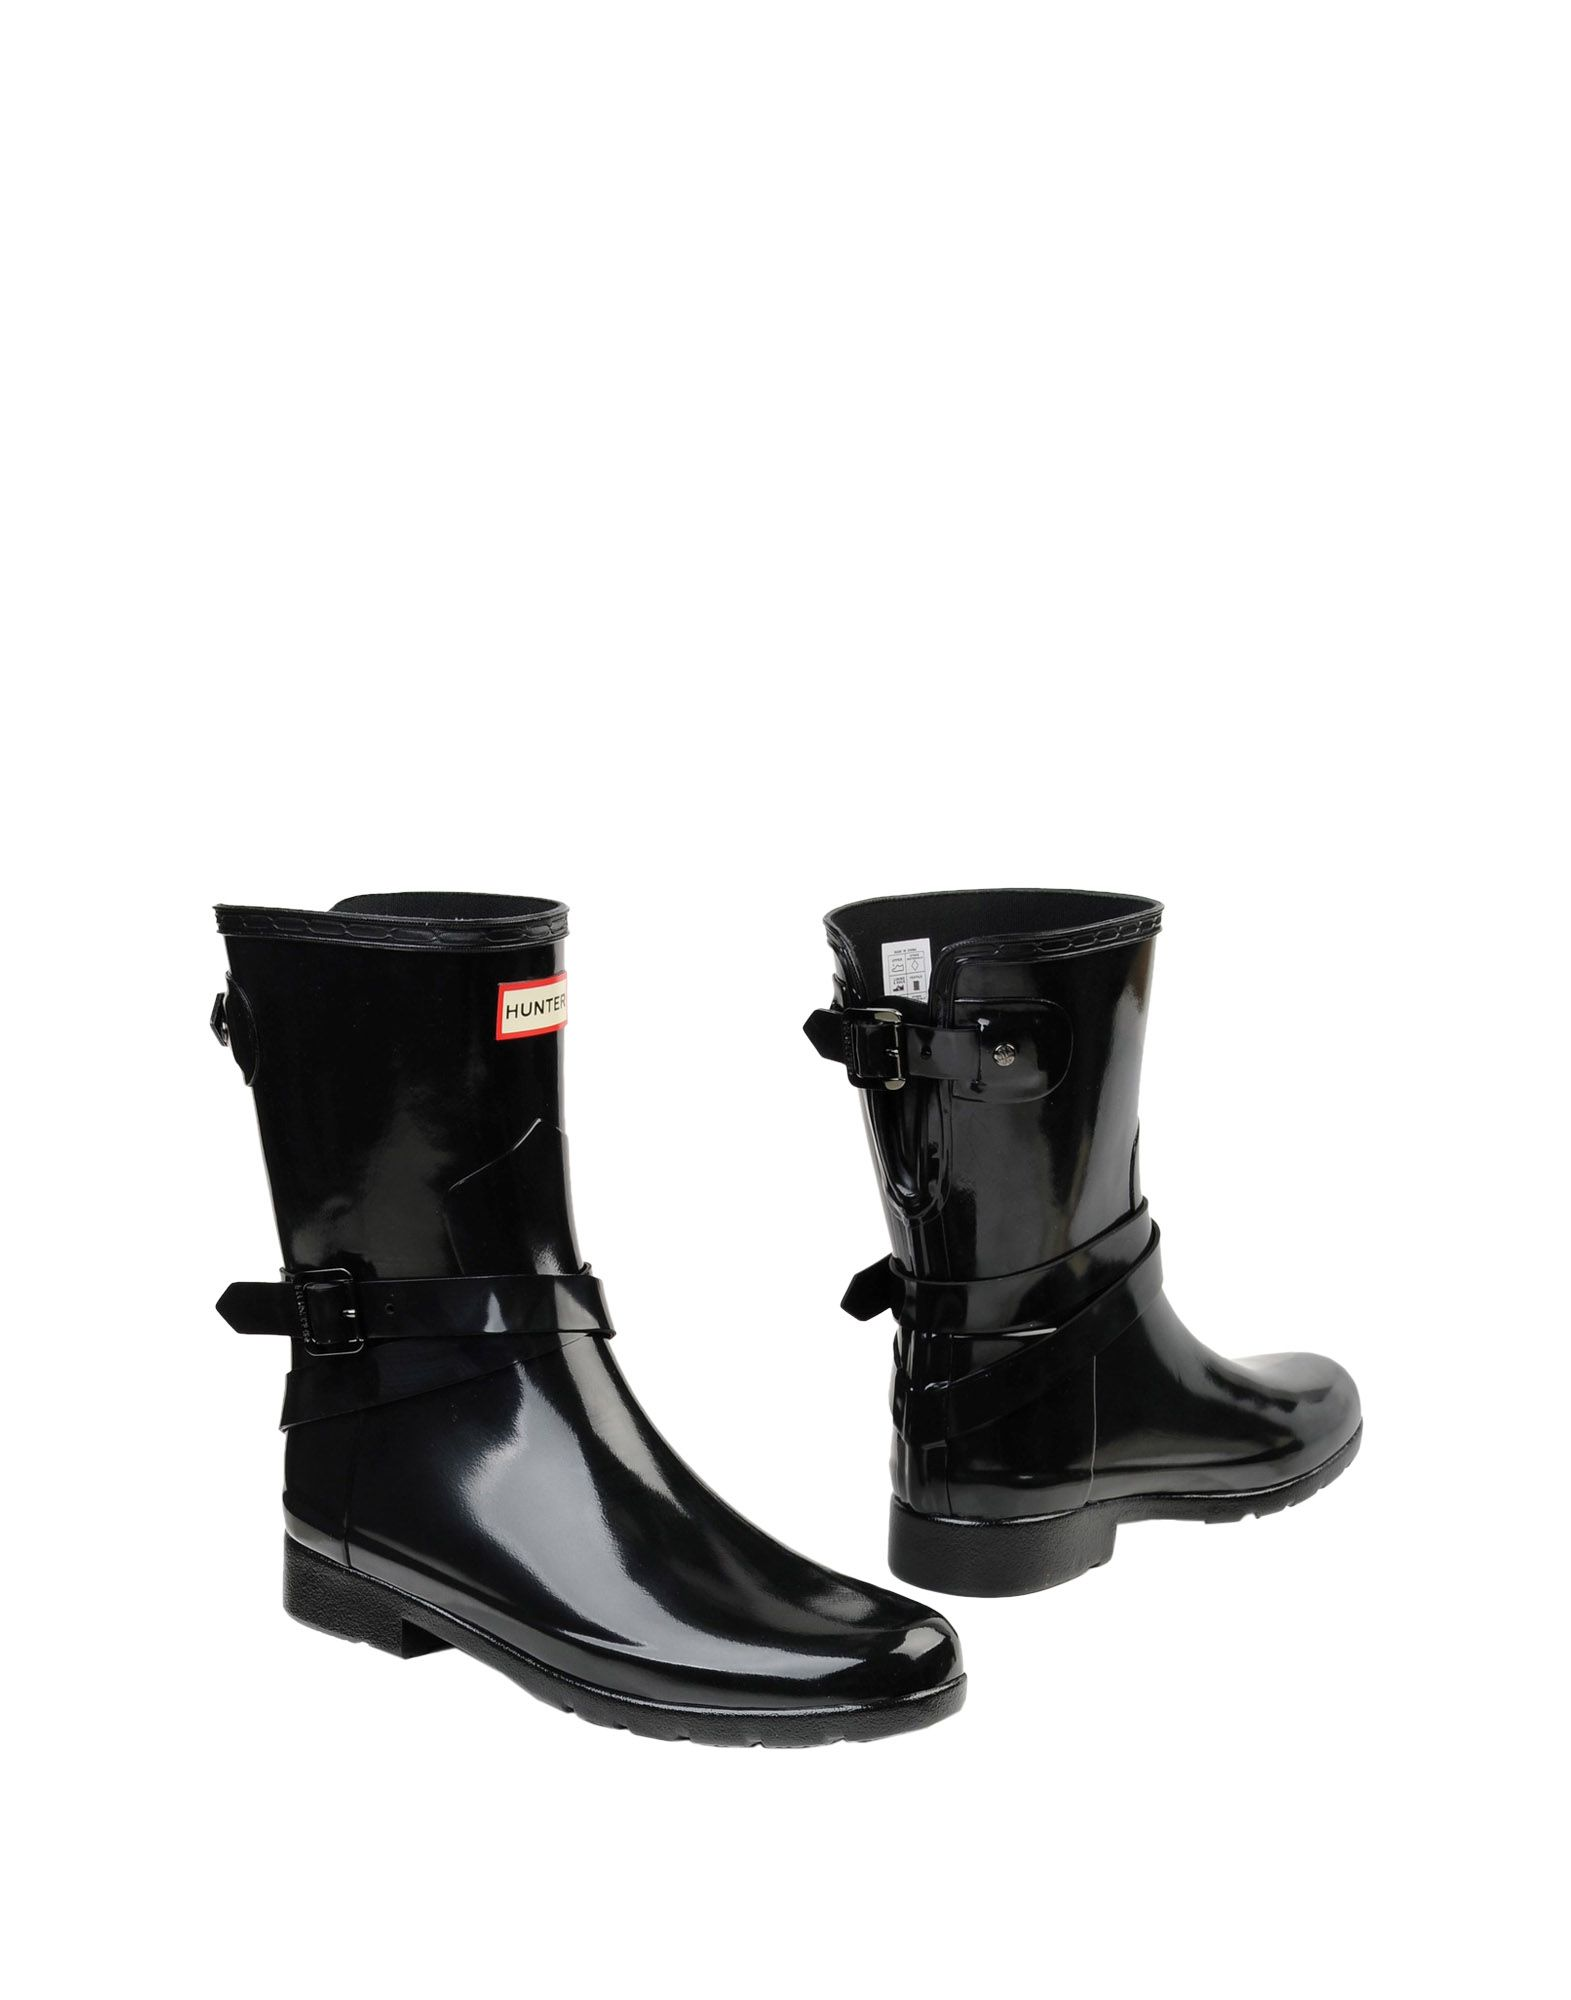 《送料無料》HUNTER レディース ショートブーツ ブラック 3 ゴム REFINED BACK ADJUSTABLE SHORT W/ ANKLE STRAP GLOSS